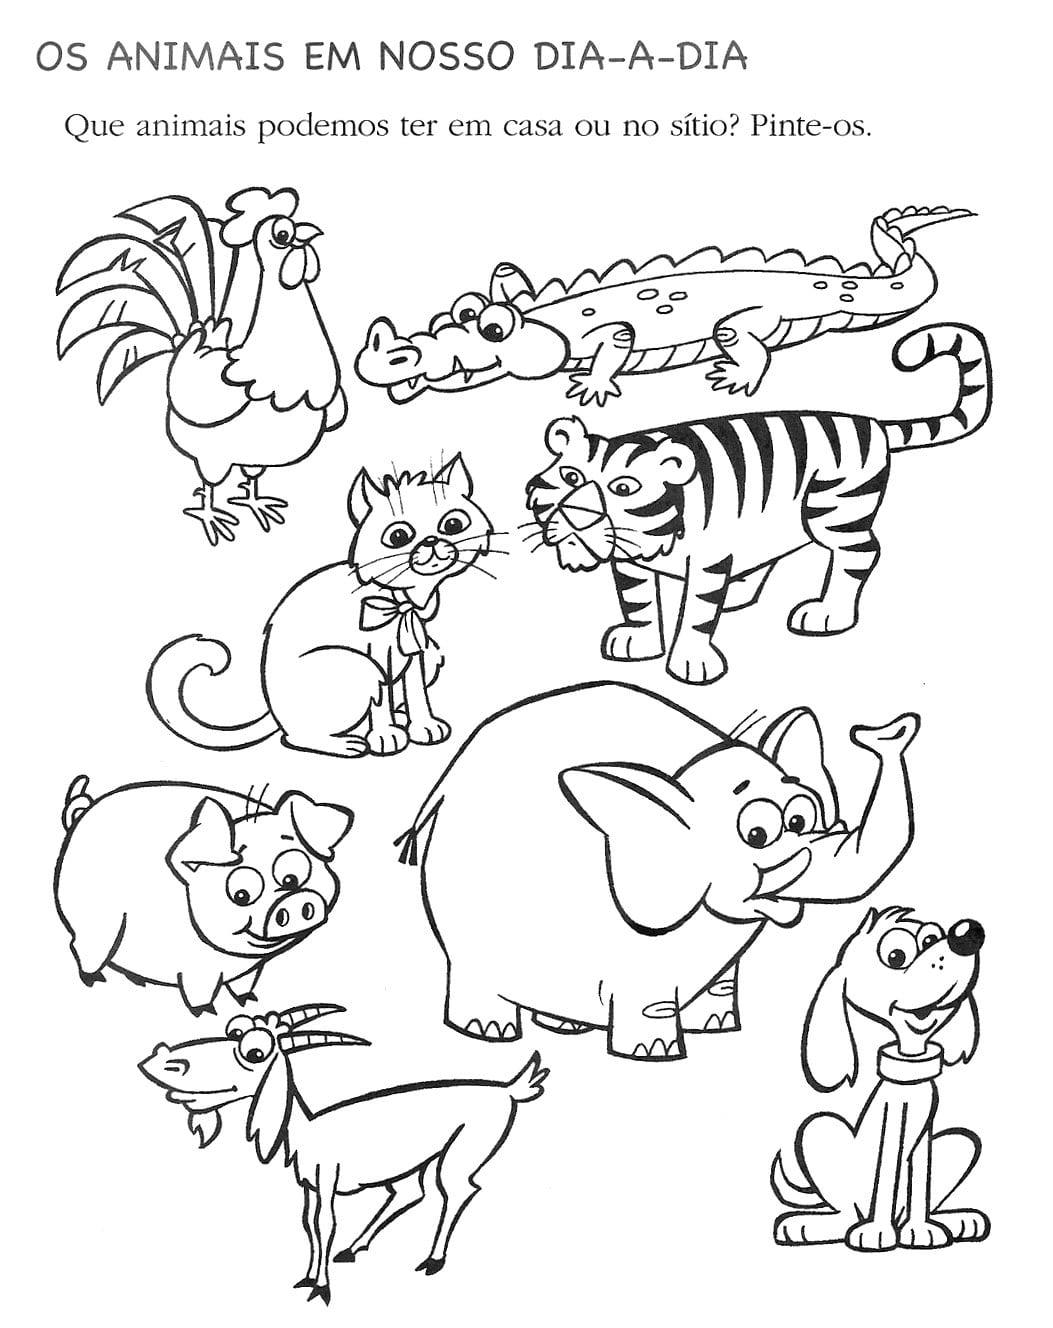 Imagens De Animais Dom Sticos E Selvagens Para Colorir – Pampekids Net